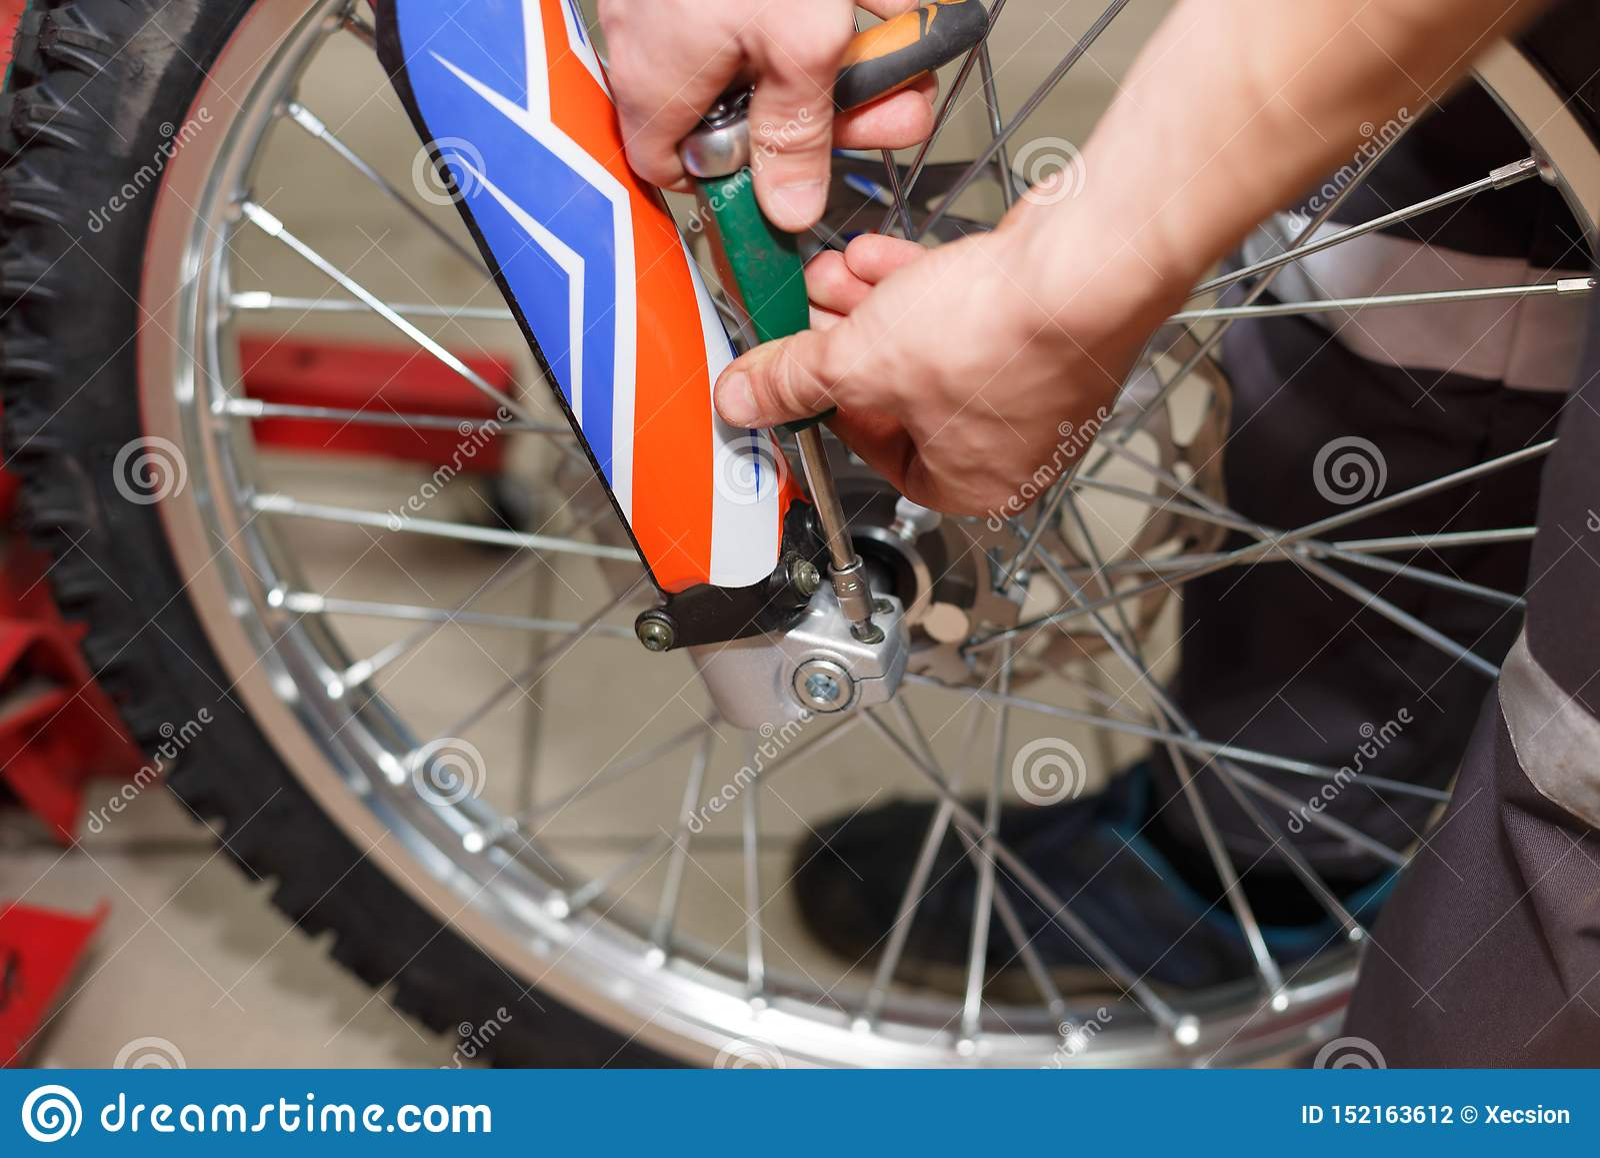 Ремонт колеса мотоцикла после утечек автошины или повреждения диска